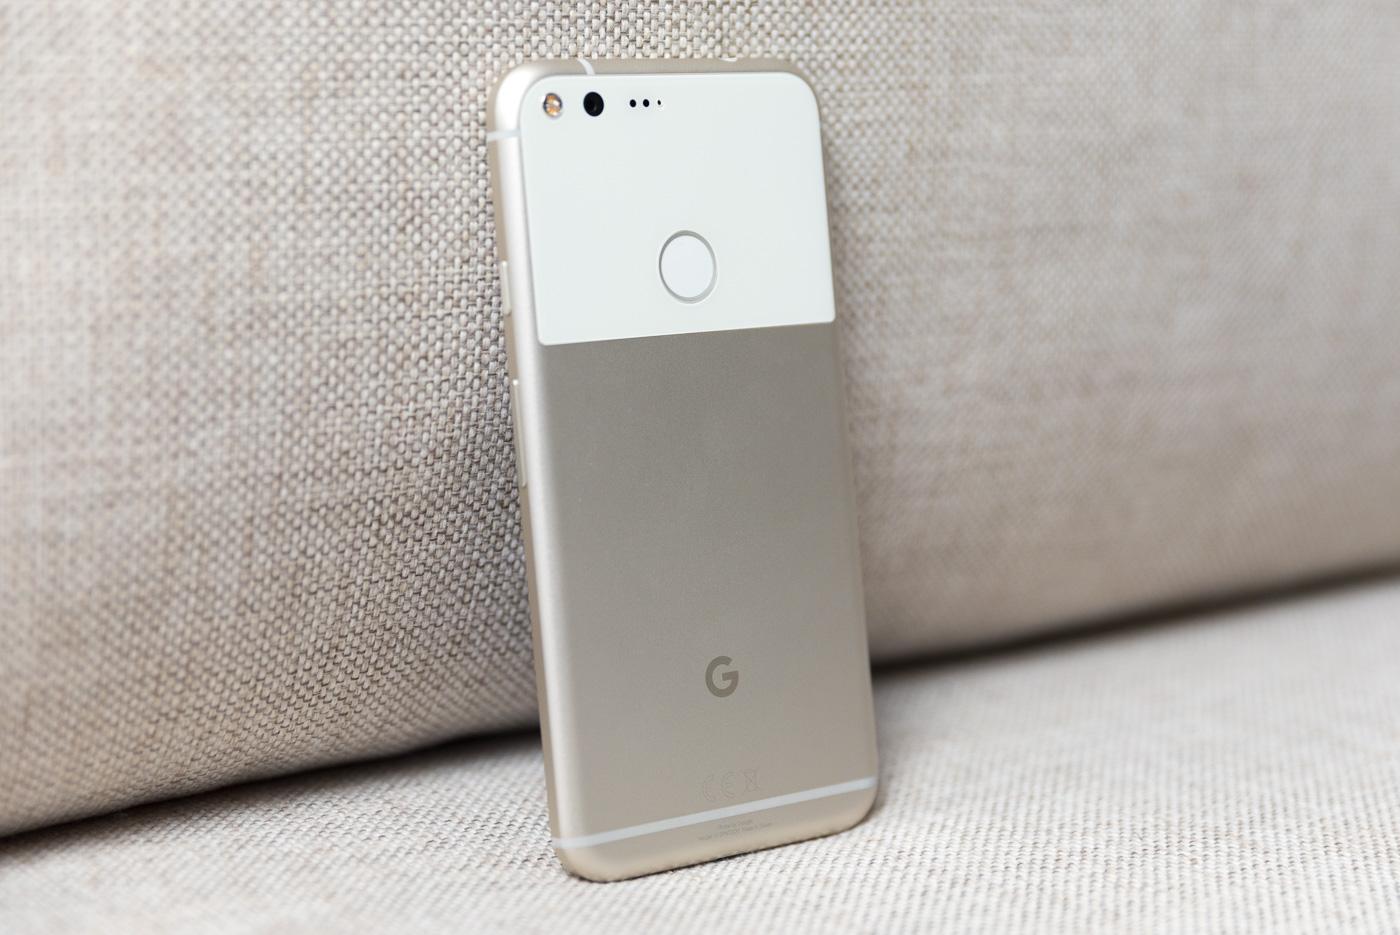 Google Pixel naprawdę ma najlepszy aparat w świecie mobilnym – recenzja Spider's Web